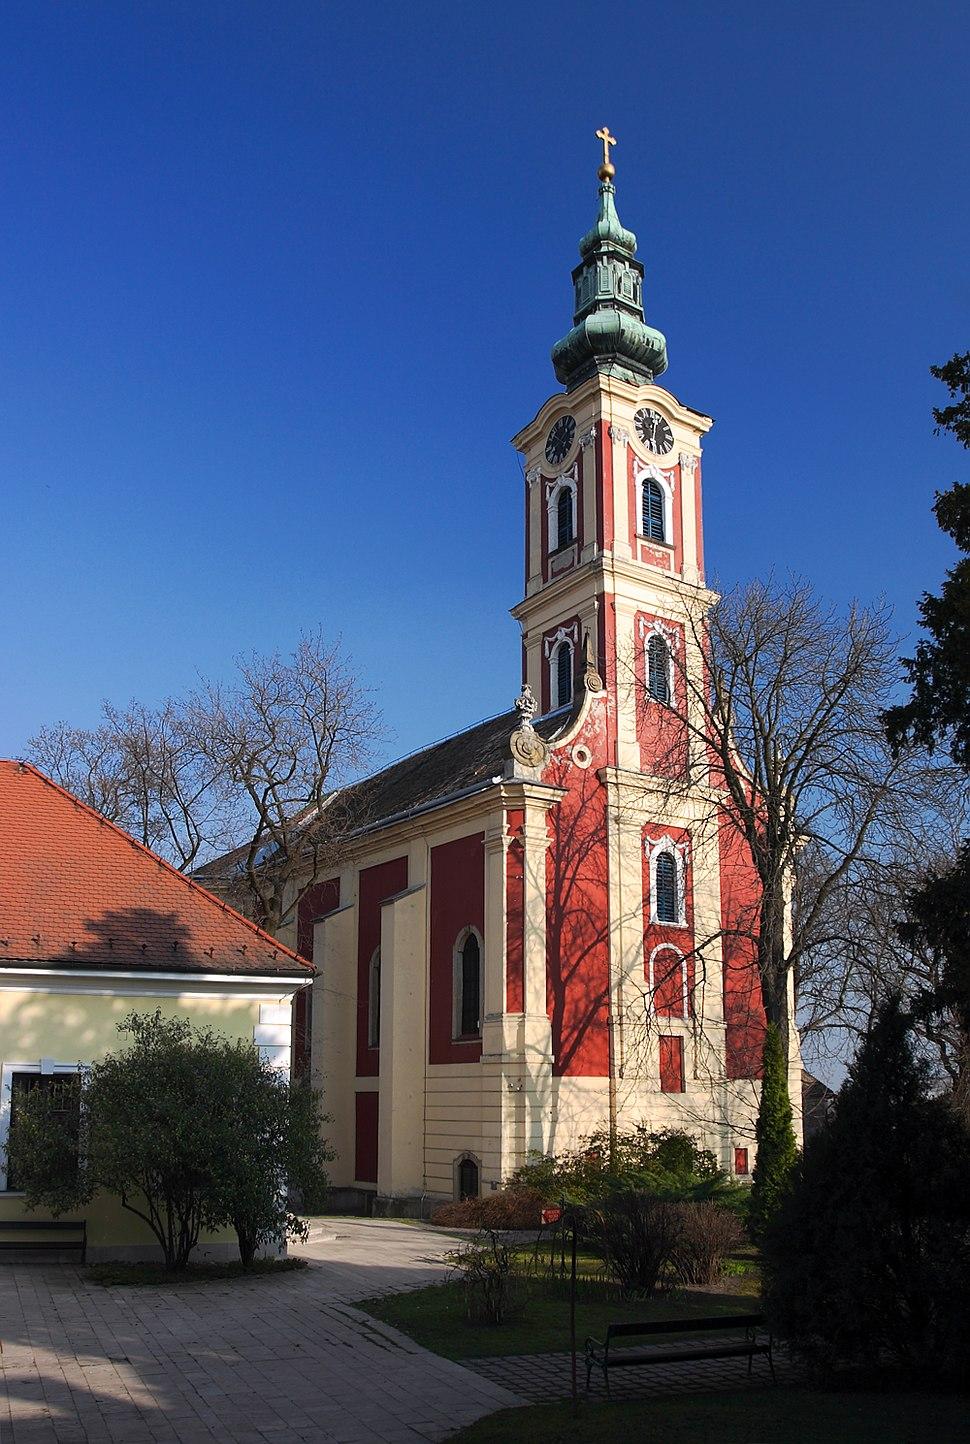 Görögkeleti püspöki székesegyház (Belgrád-templom) (7388. számú műemlék) 4